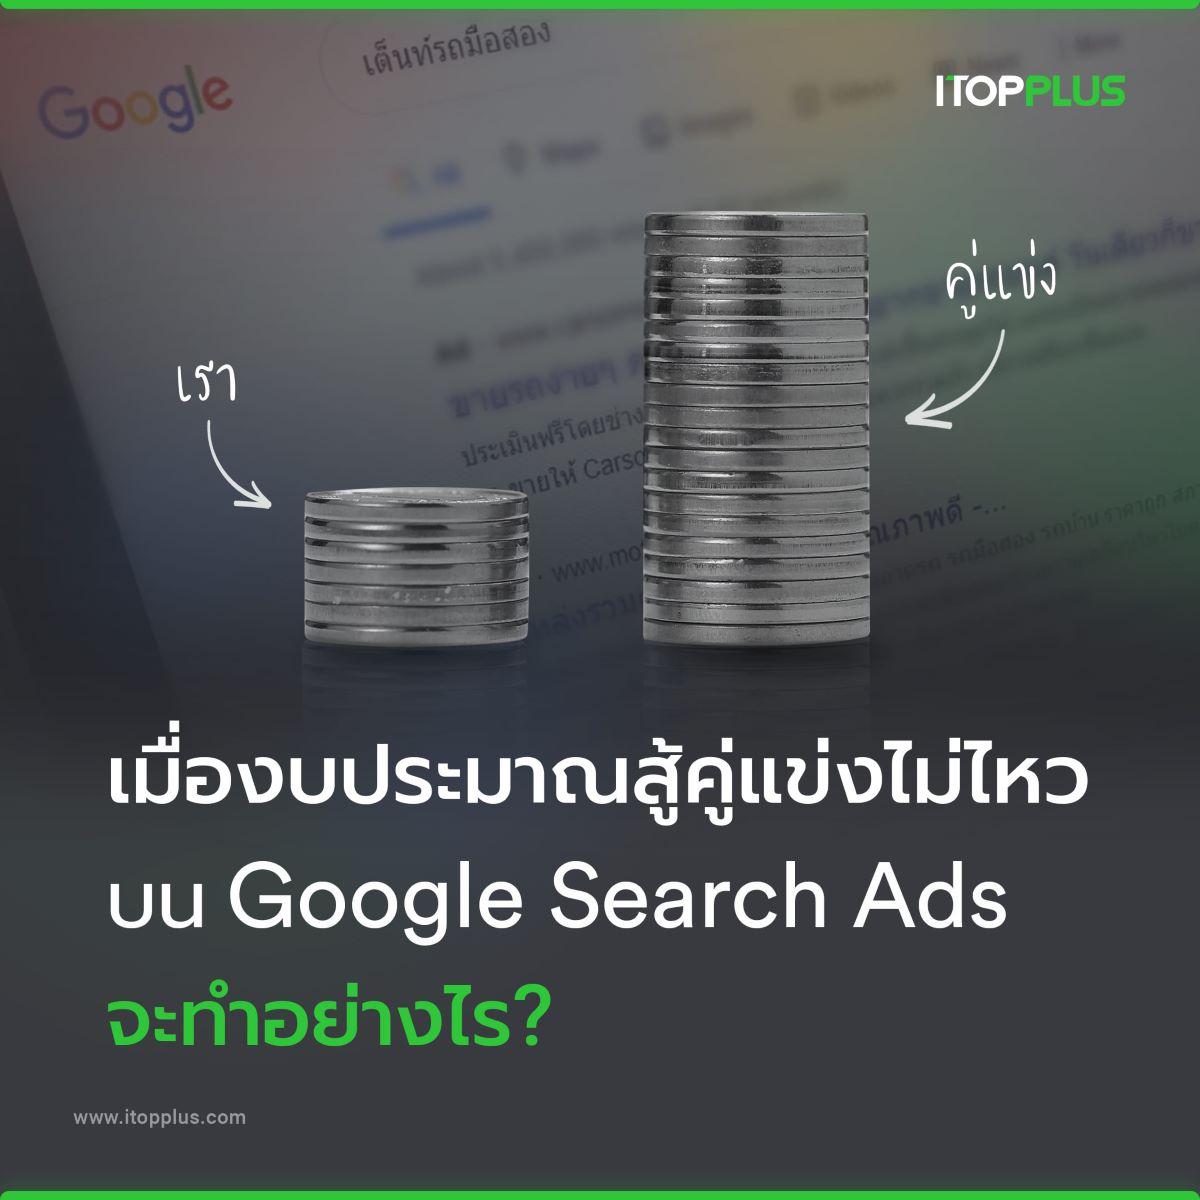 งบประมาณสู้คู่แข่งไม่ไหวบน Google Search Ads จะทำอย่างไร?